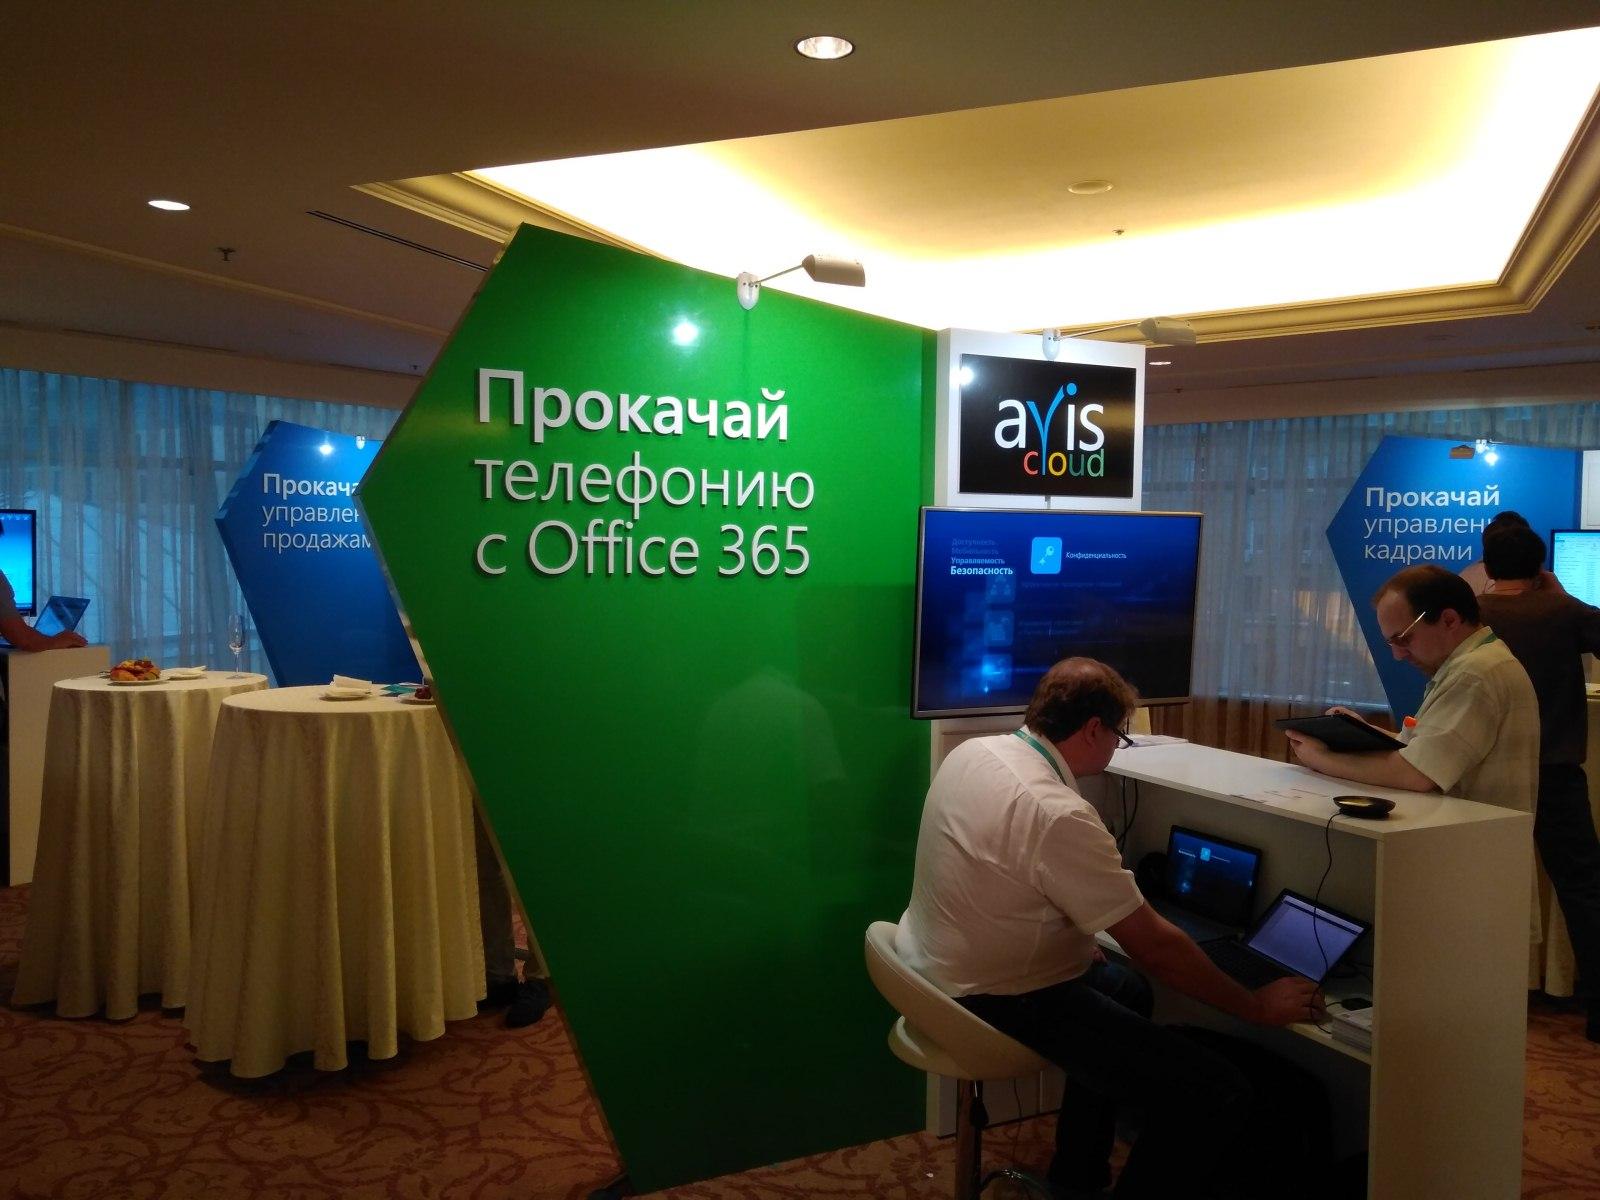 Прокачай телефонию с Office 365. Конференция Microsoft «Прокачай свой бизнес: Люди. Процессы. Технологии»